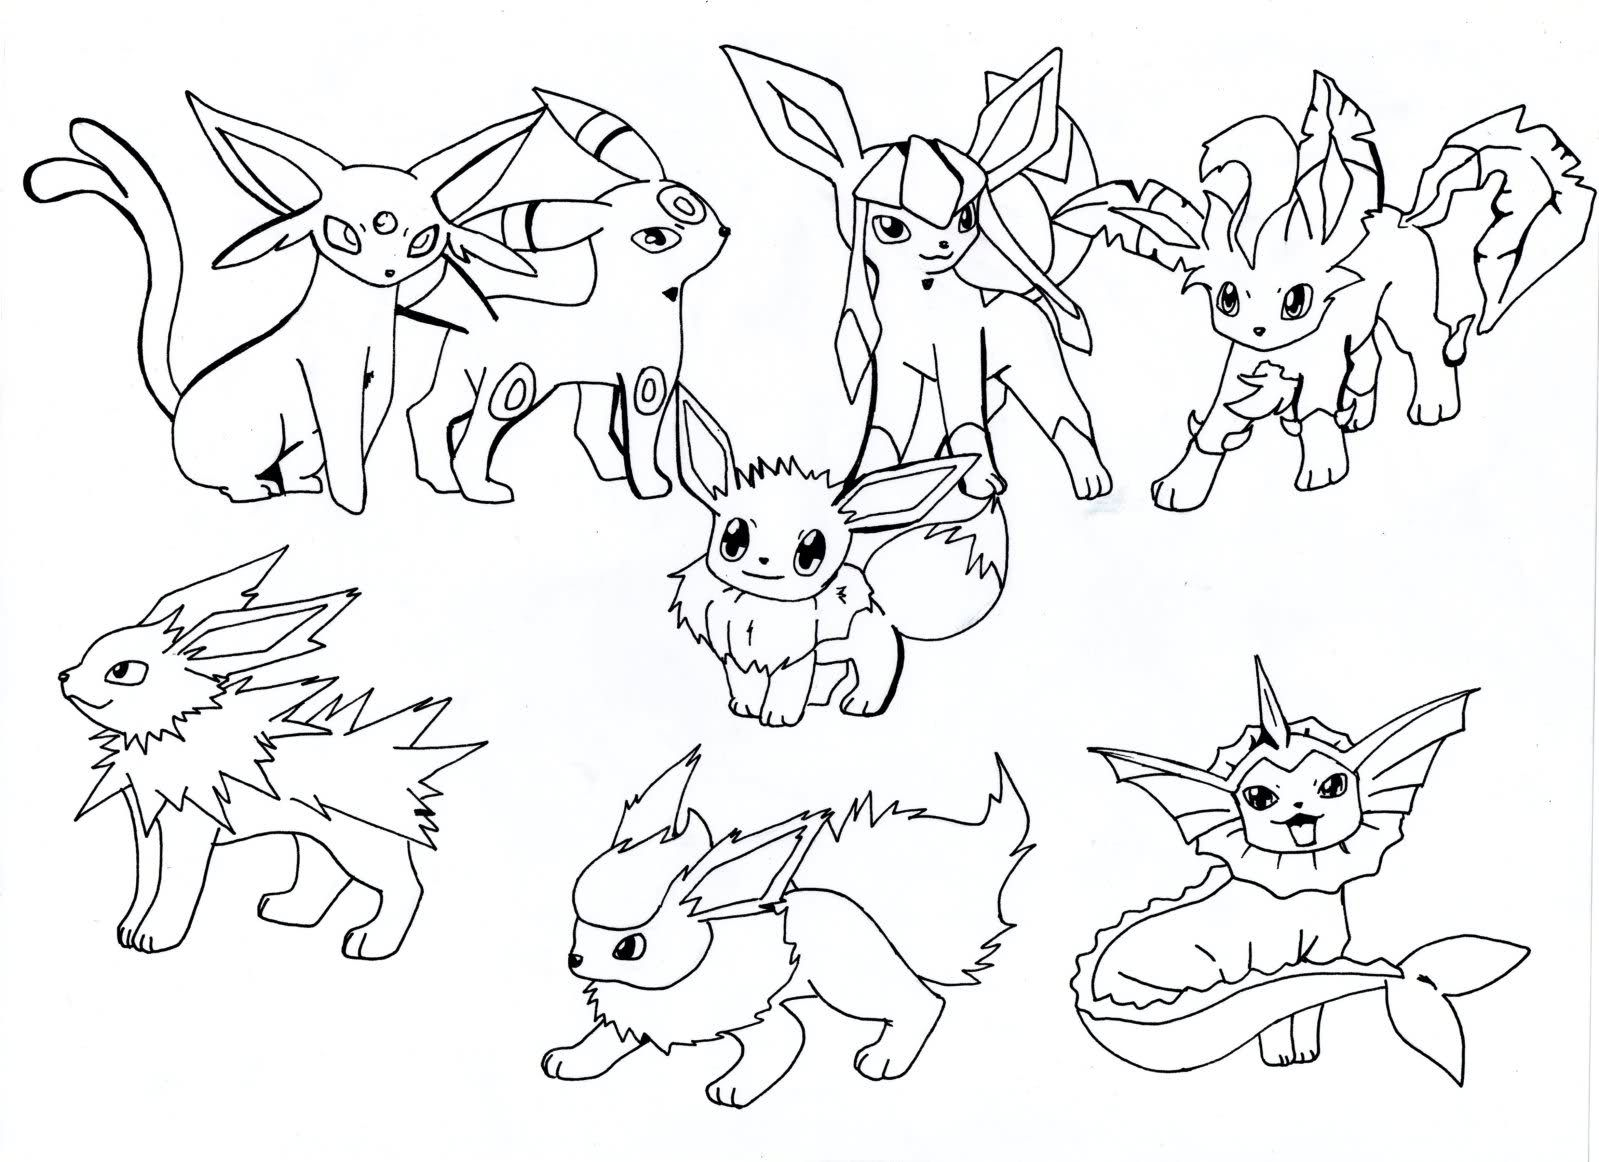 Disegni da colorare di pokemon x e y hikkkll Pinterest